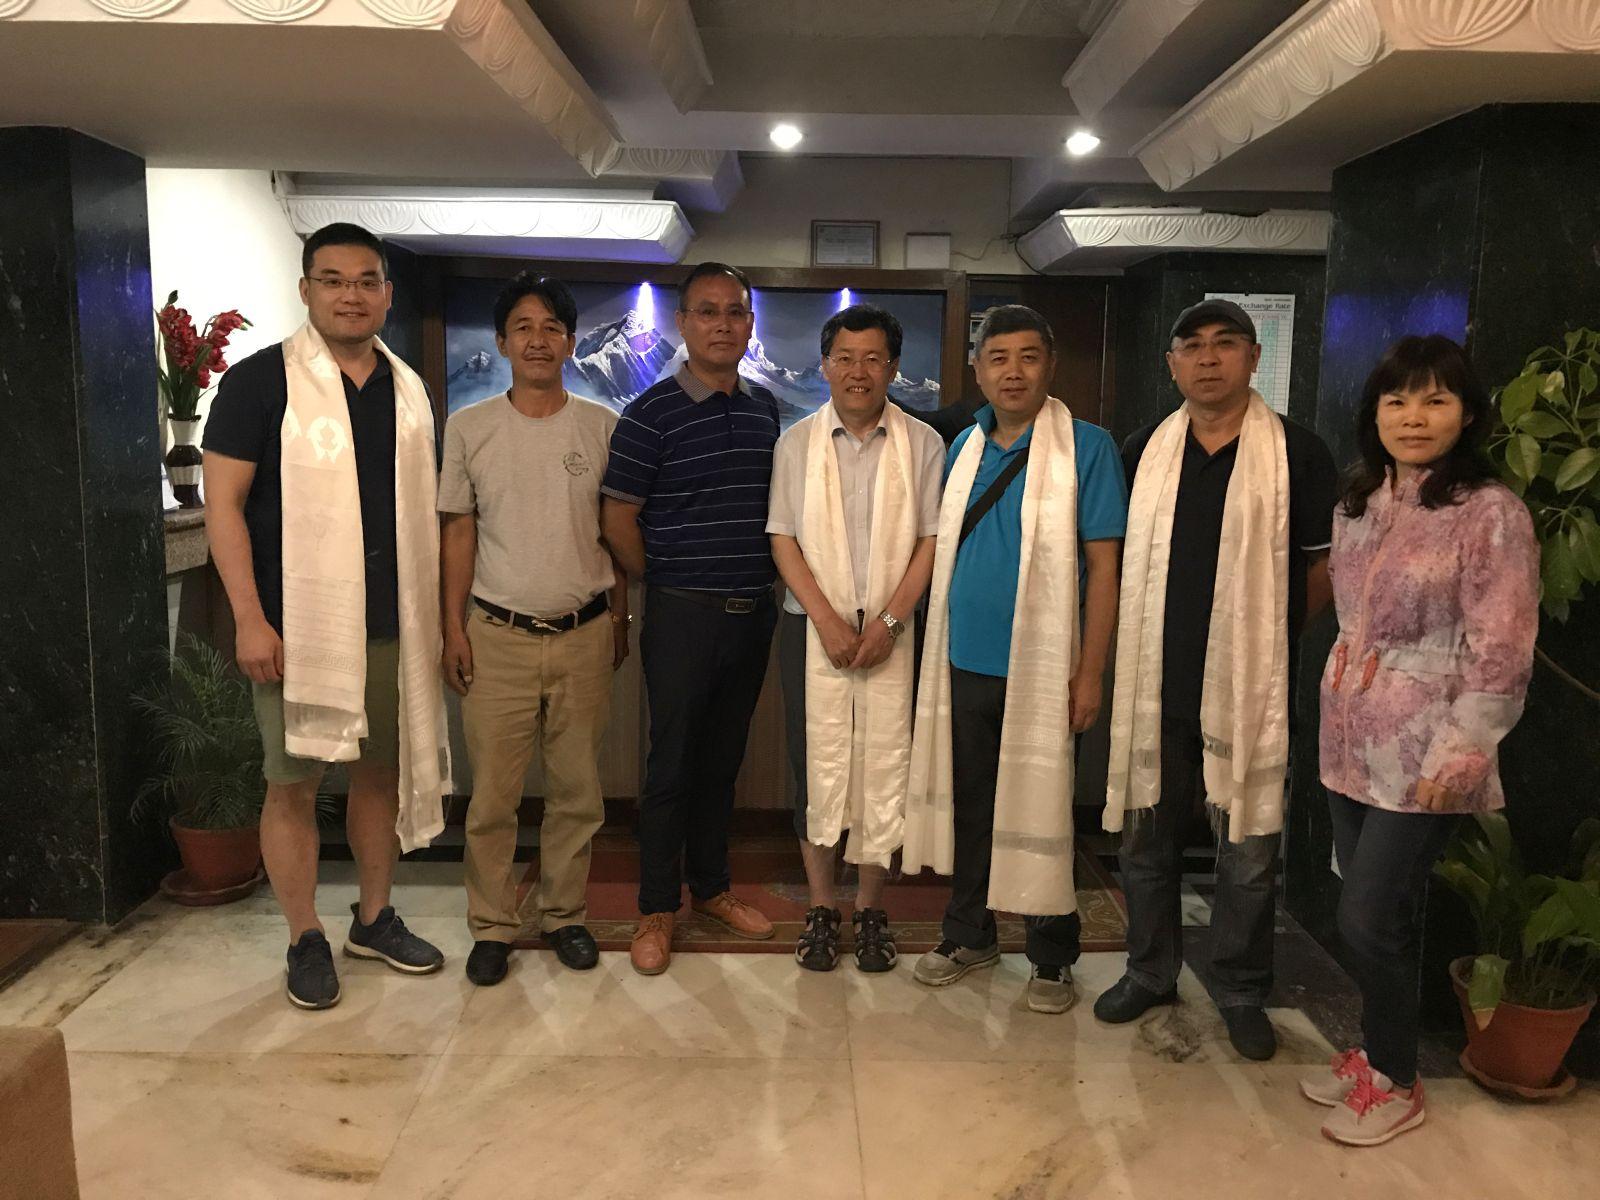 尼泊尔—中国凯拉斯文化促进会领导欢迎代表团一行